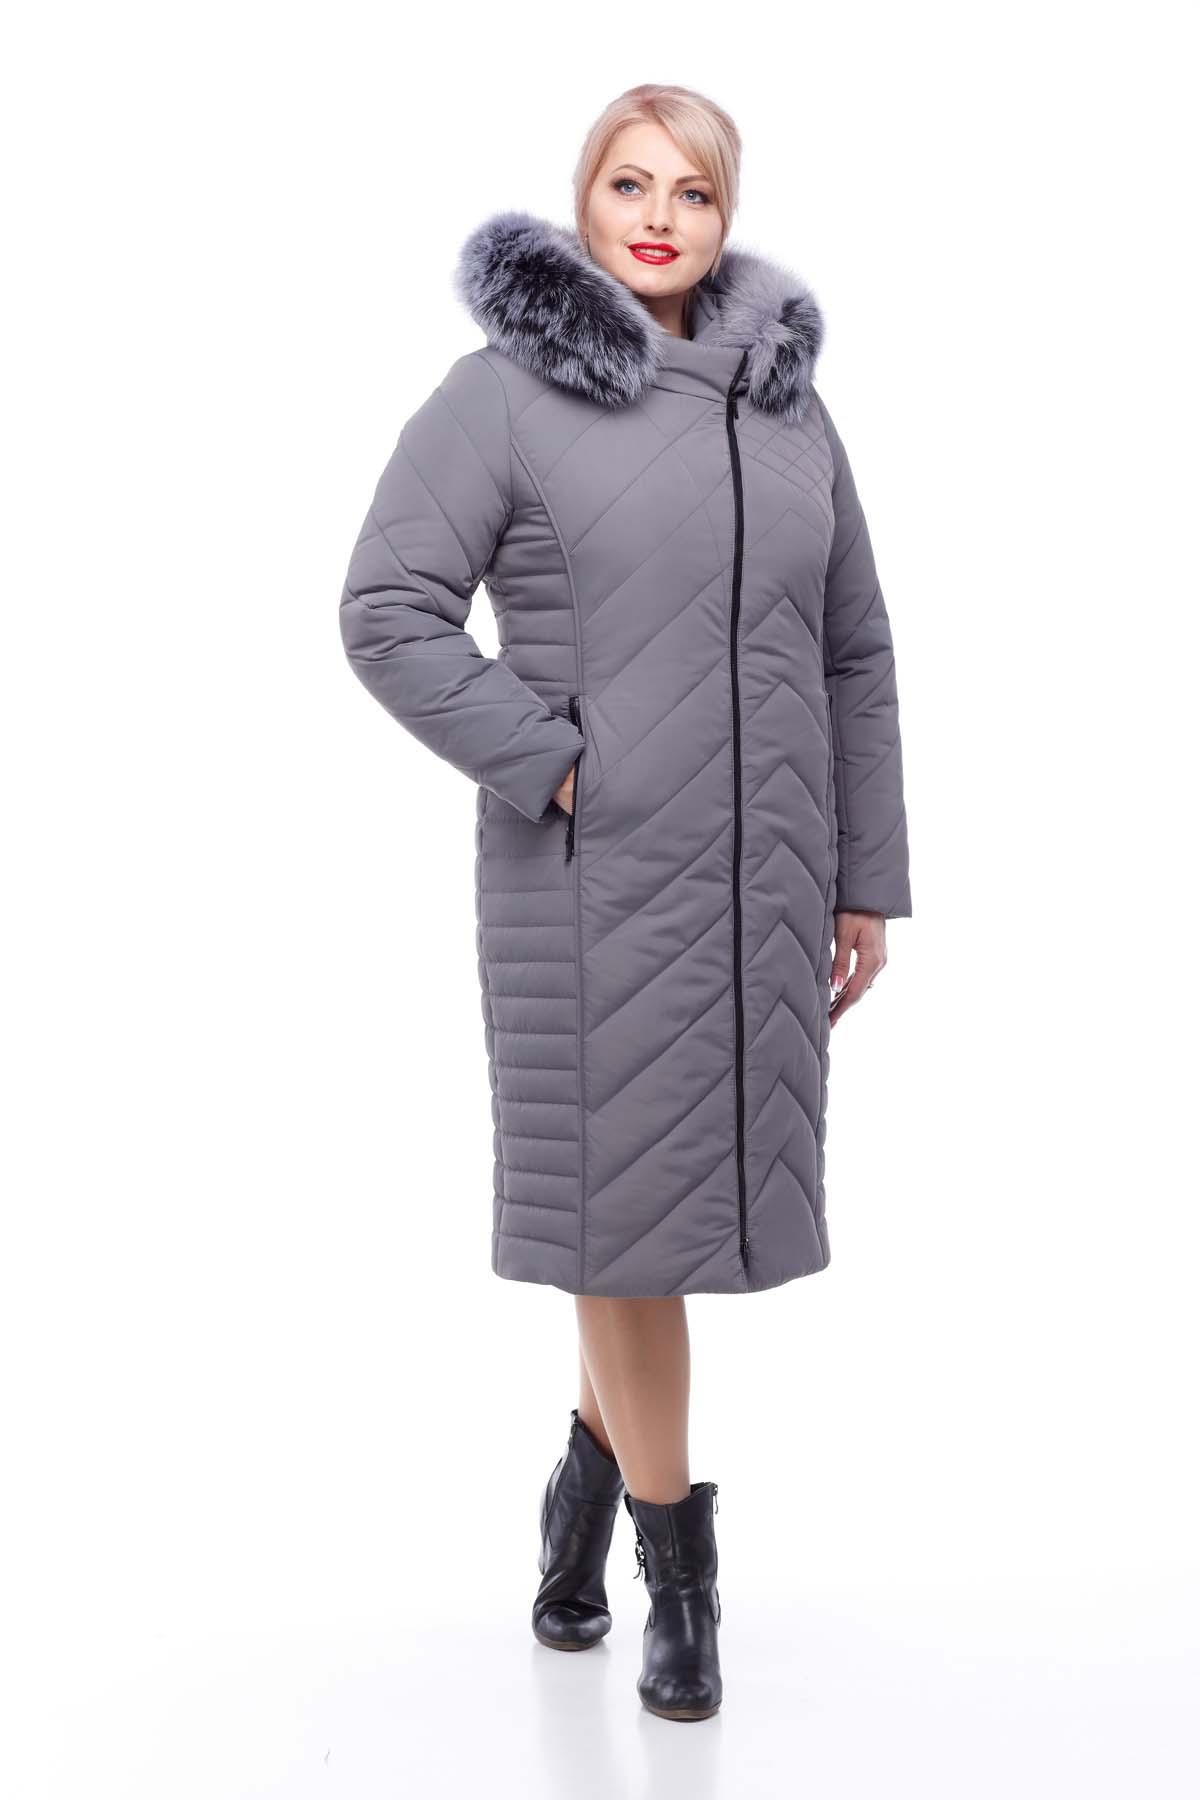 Зимове пальто Міра песець темно-сірий